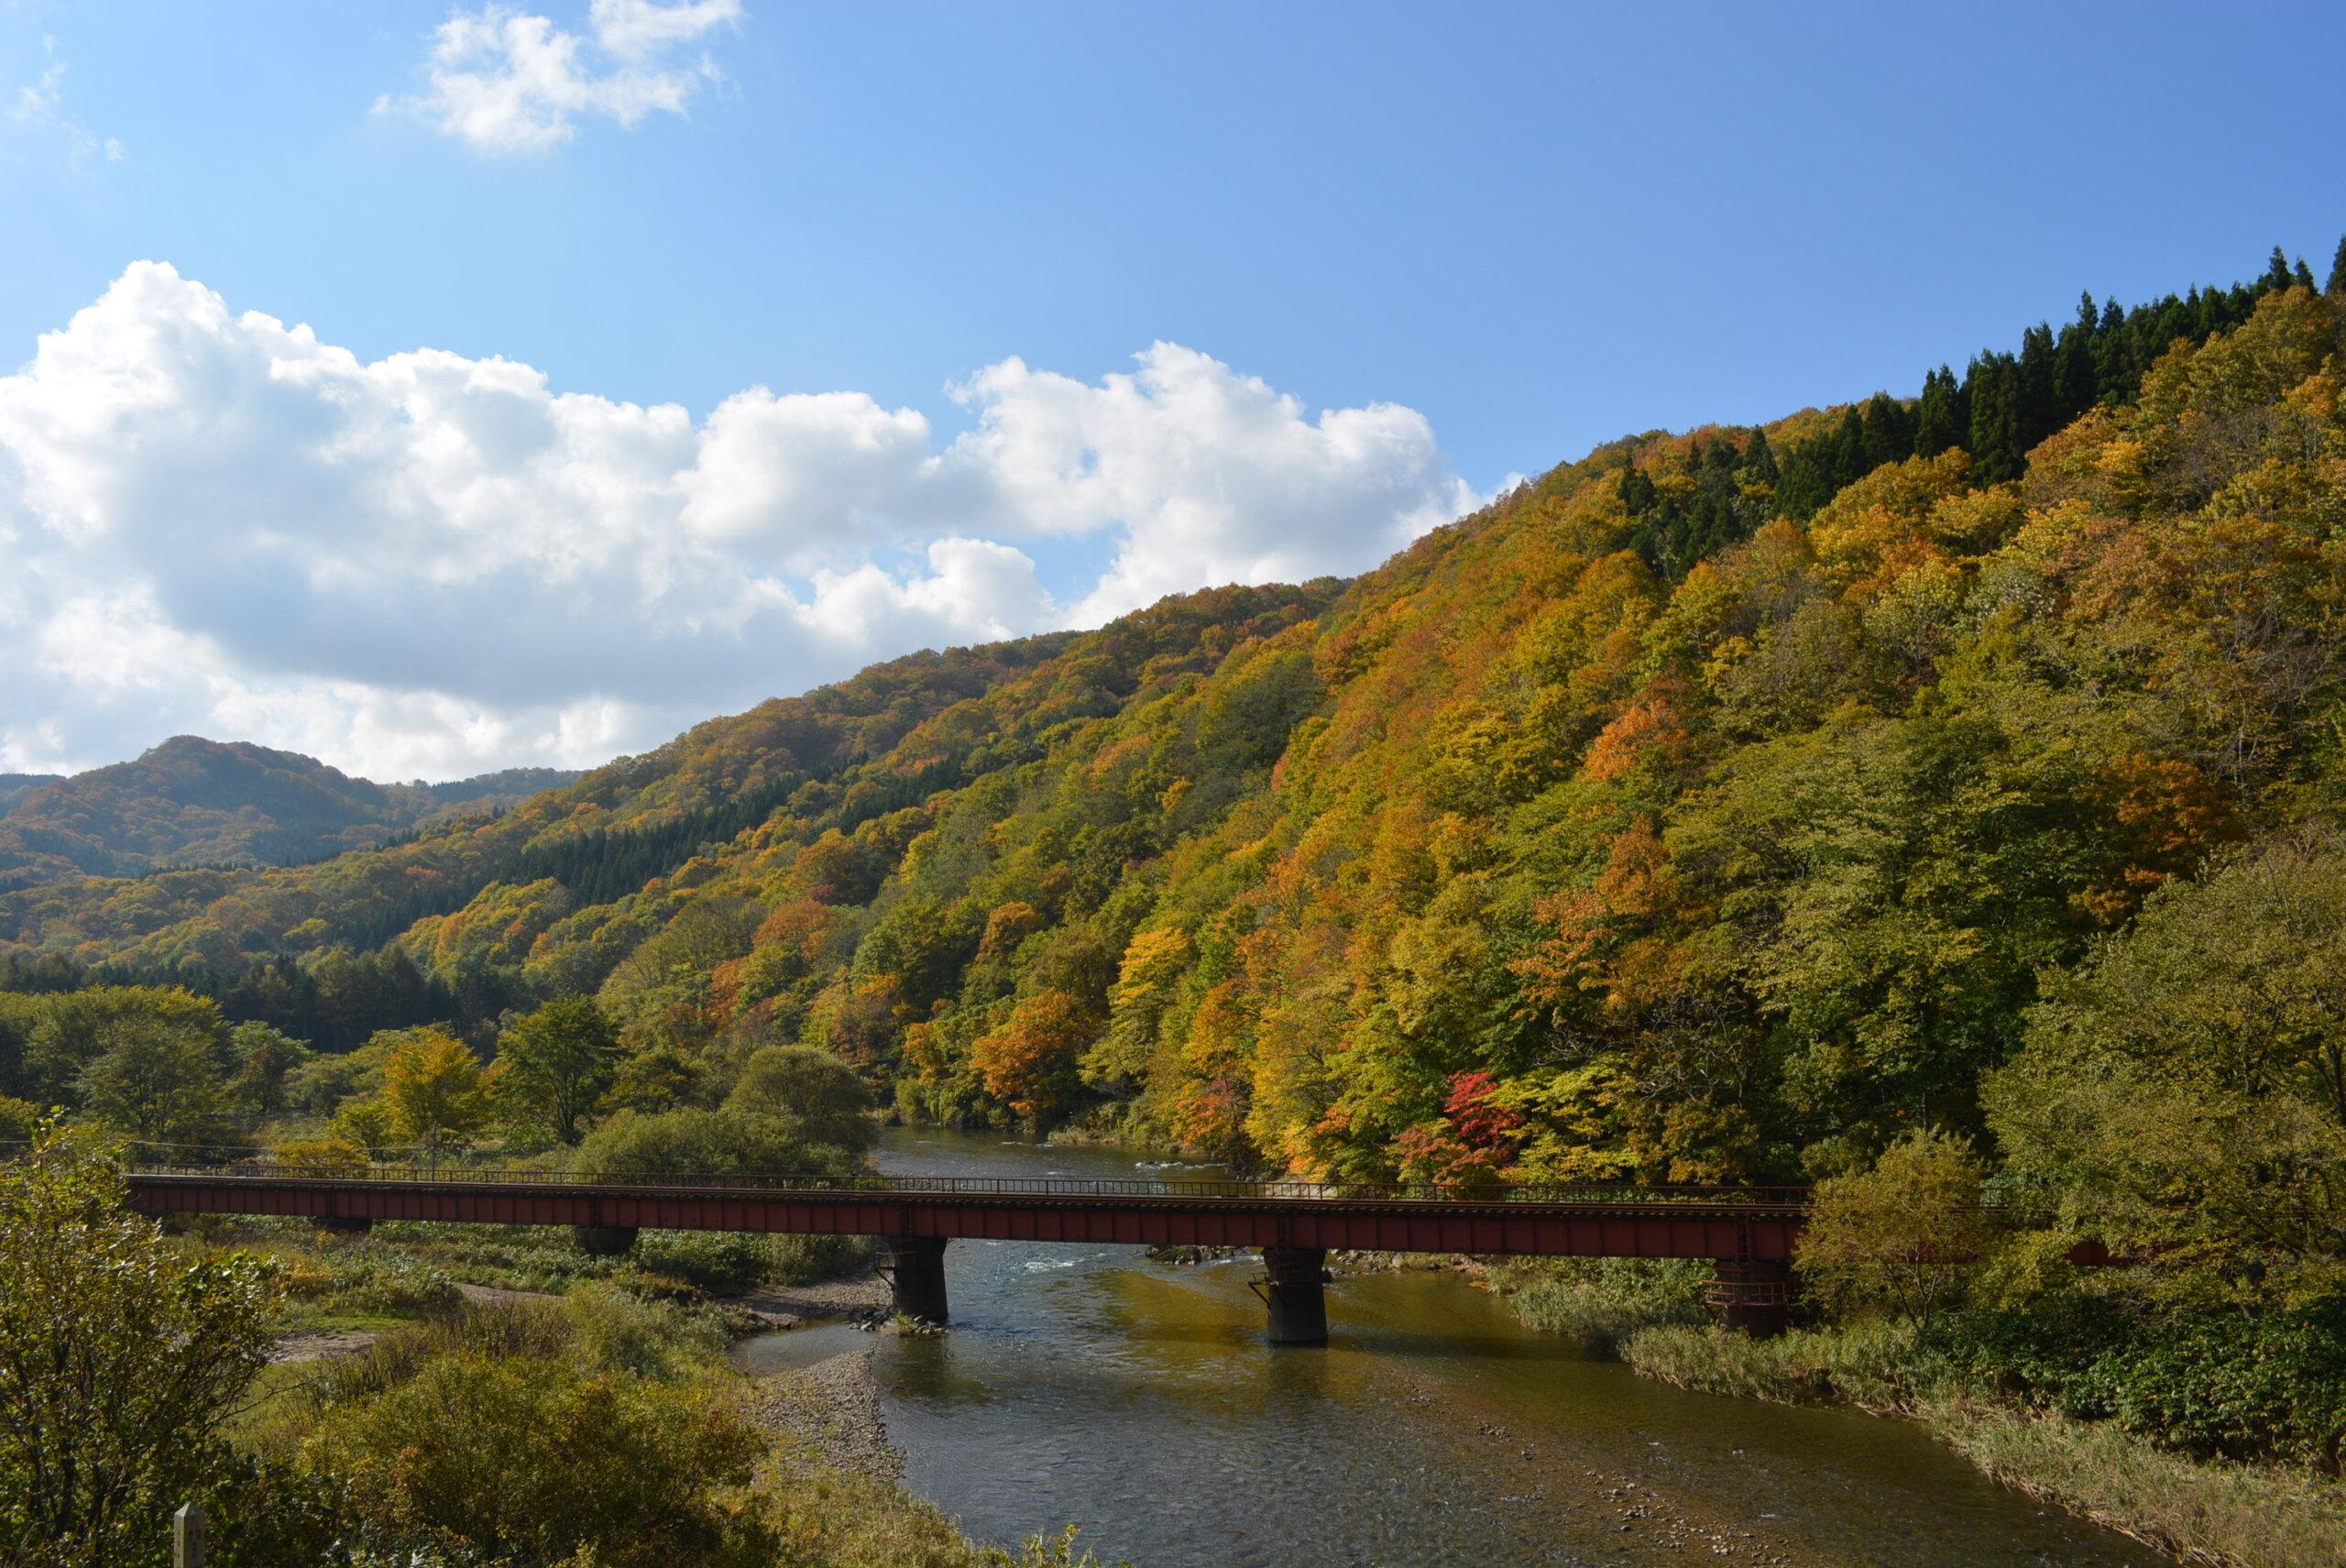 湯之岱地區:由鐵道橋與紅葉相互輝映的美景溫泉兜風路線